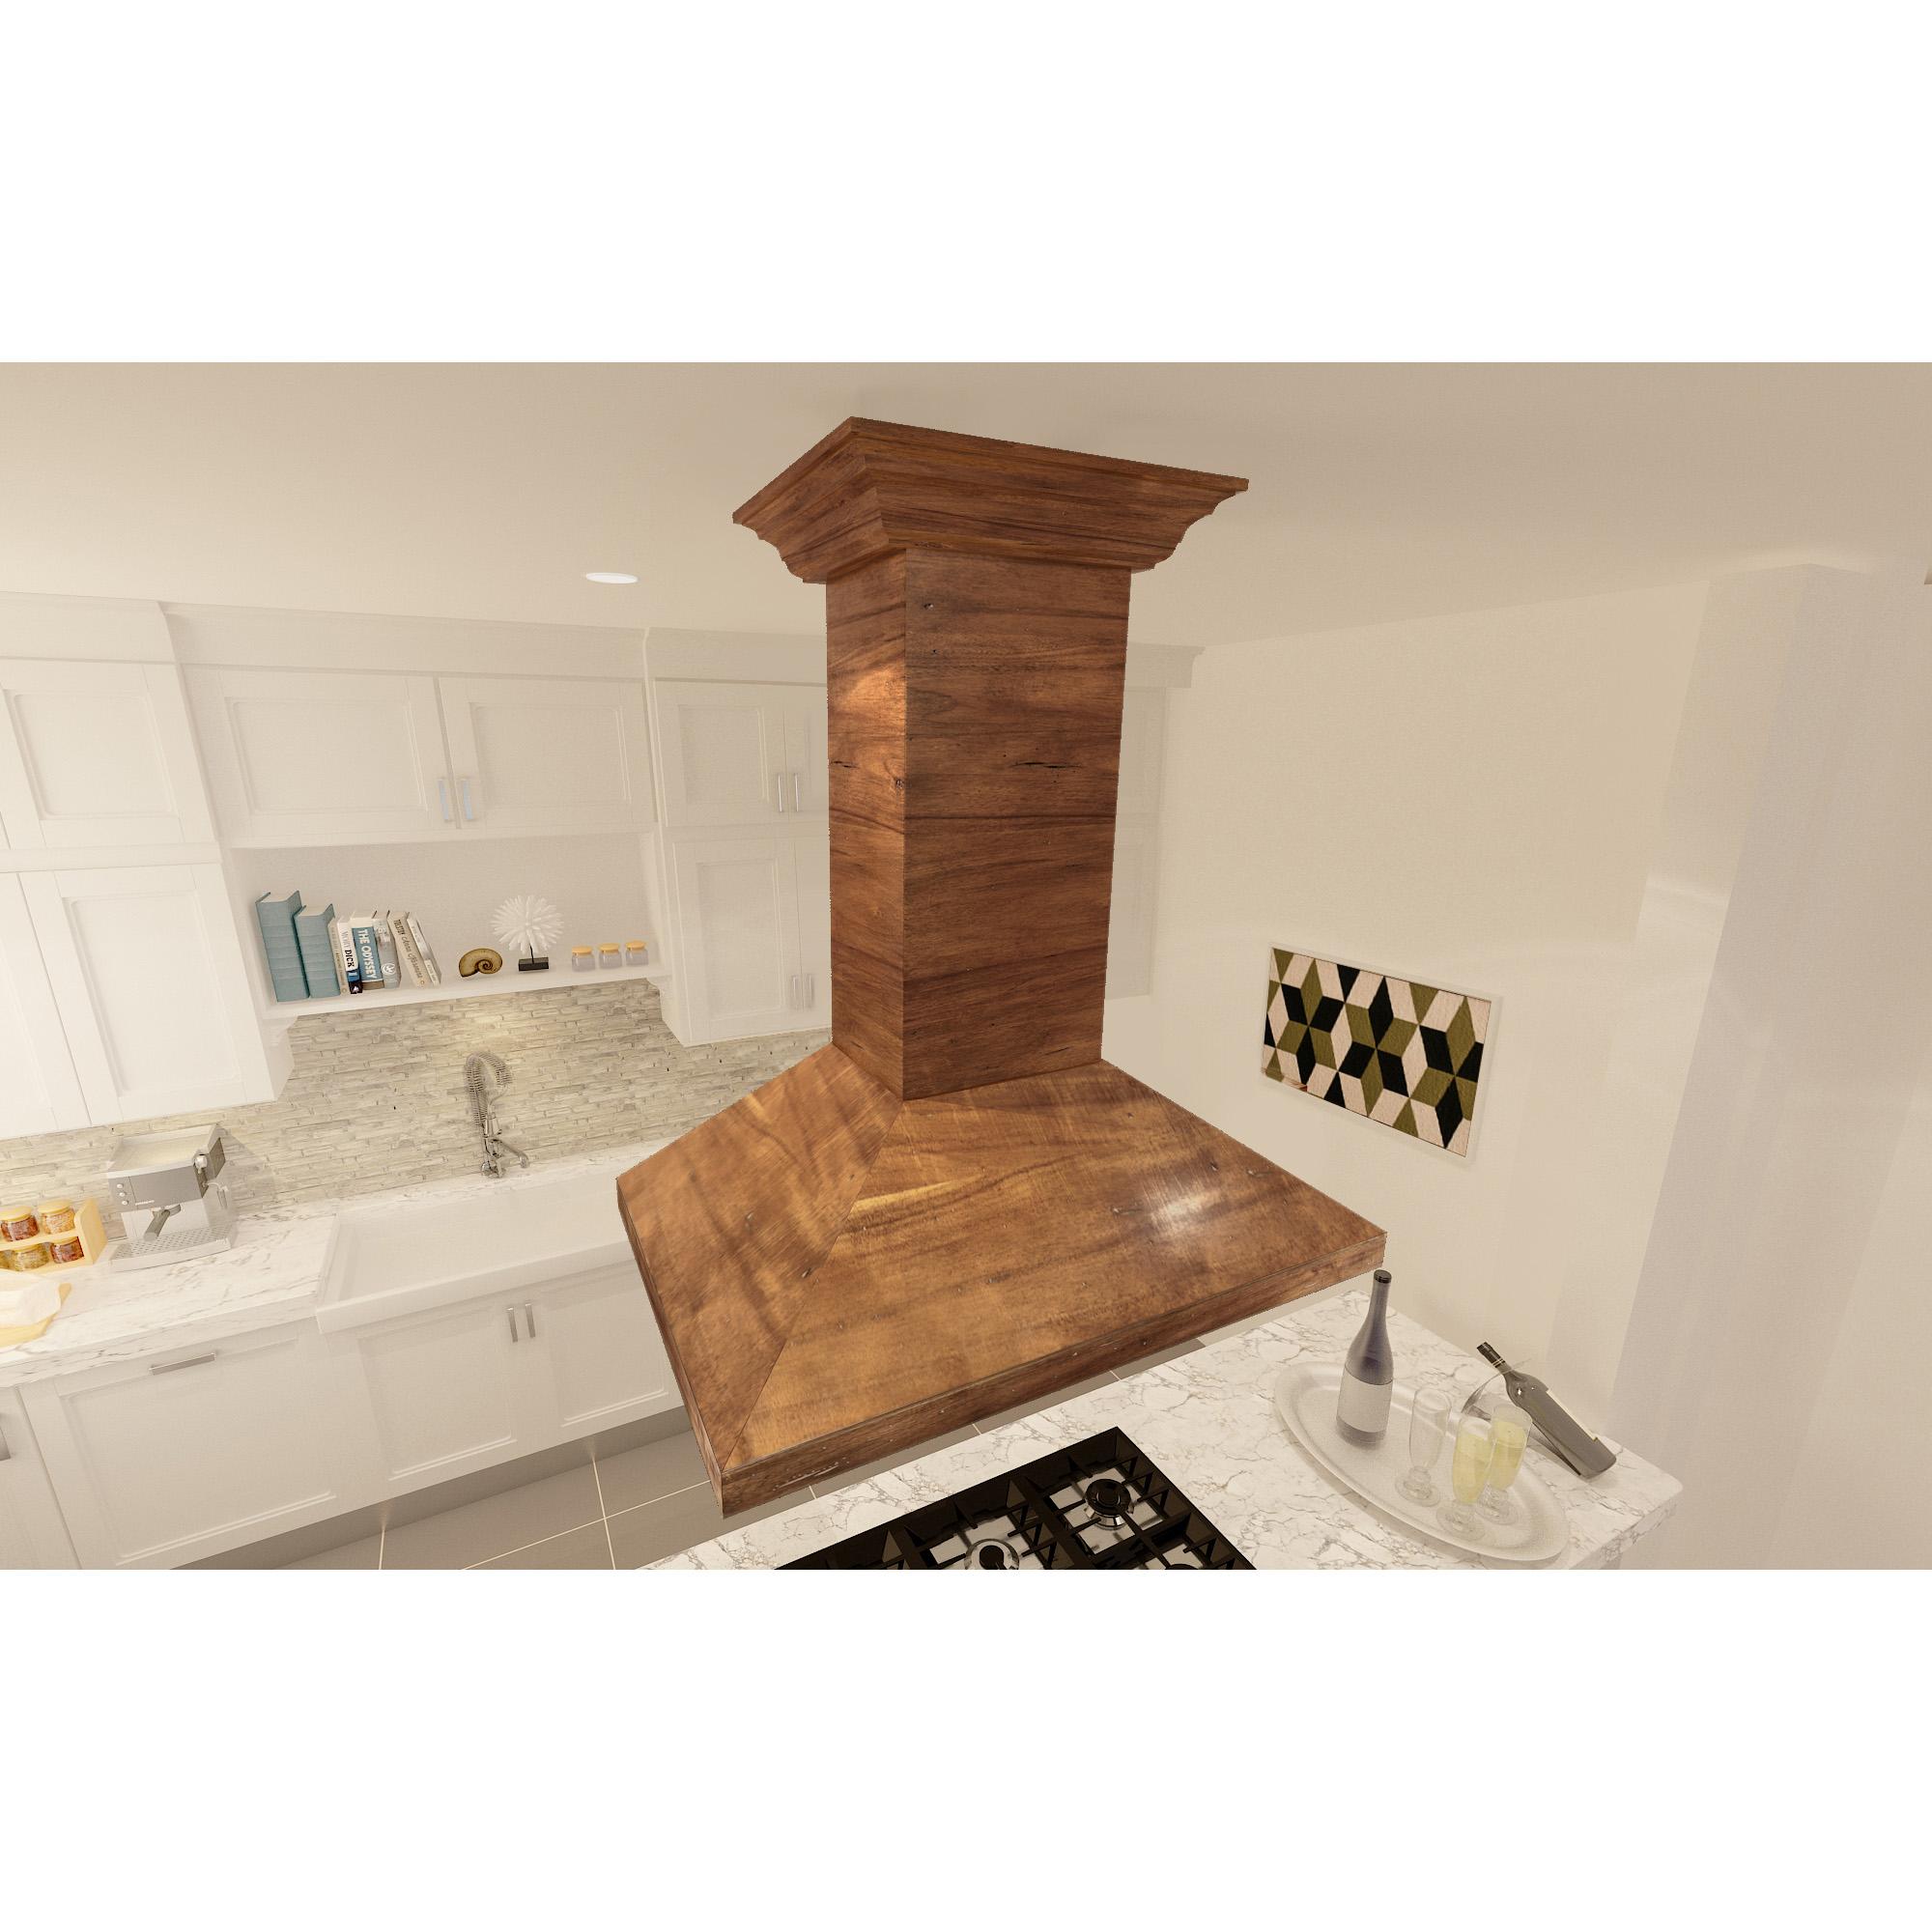 zline-designer-wood-island-range-hood-KBiRR-kitchen-1.jpg